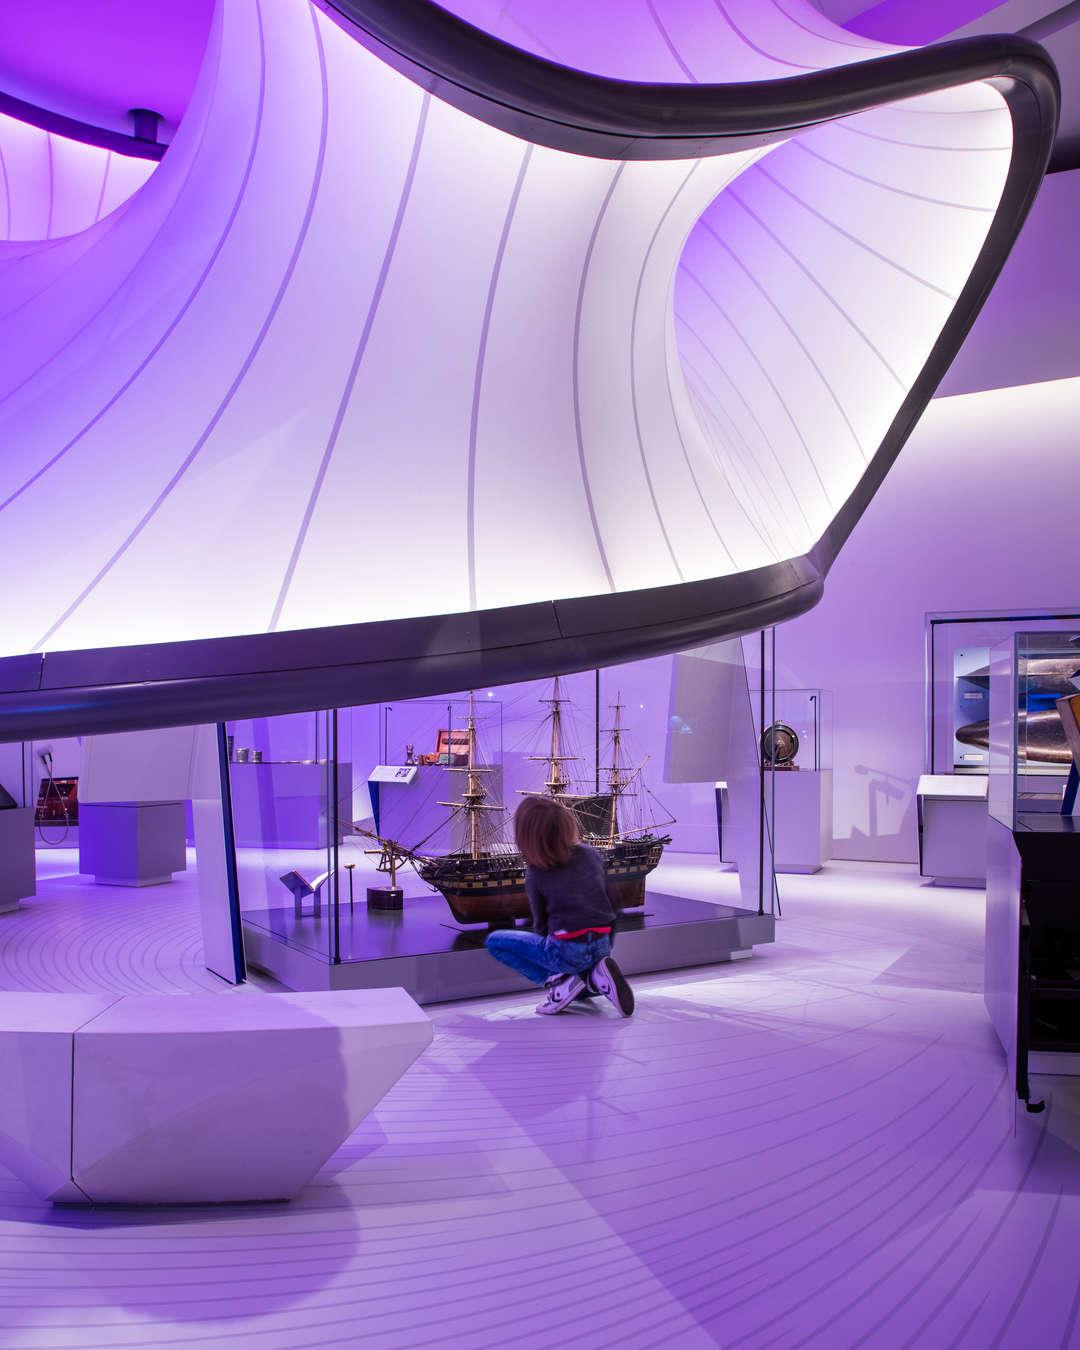 Zaha Hadid vodeći arhitekta sveta i njeni projekti - Page 2 764f565fddbfe7b040fd000d11c23440